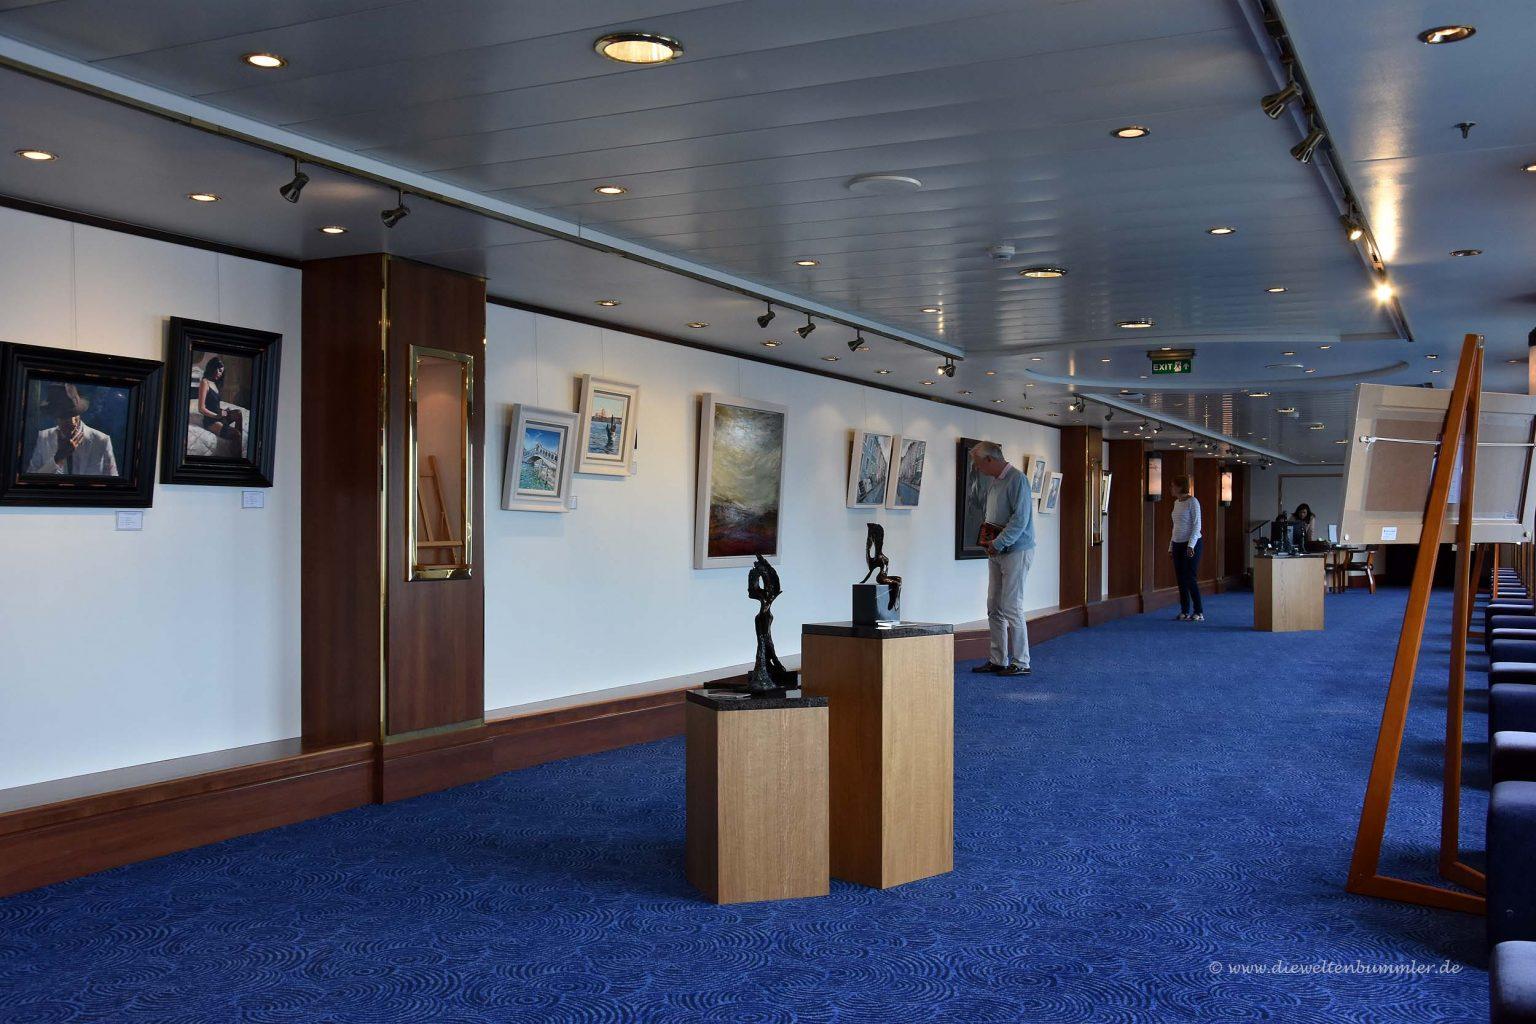 Kunstgalerie auf dem Schiff